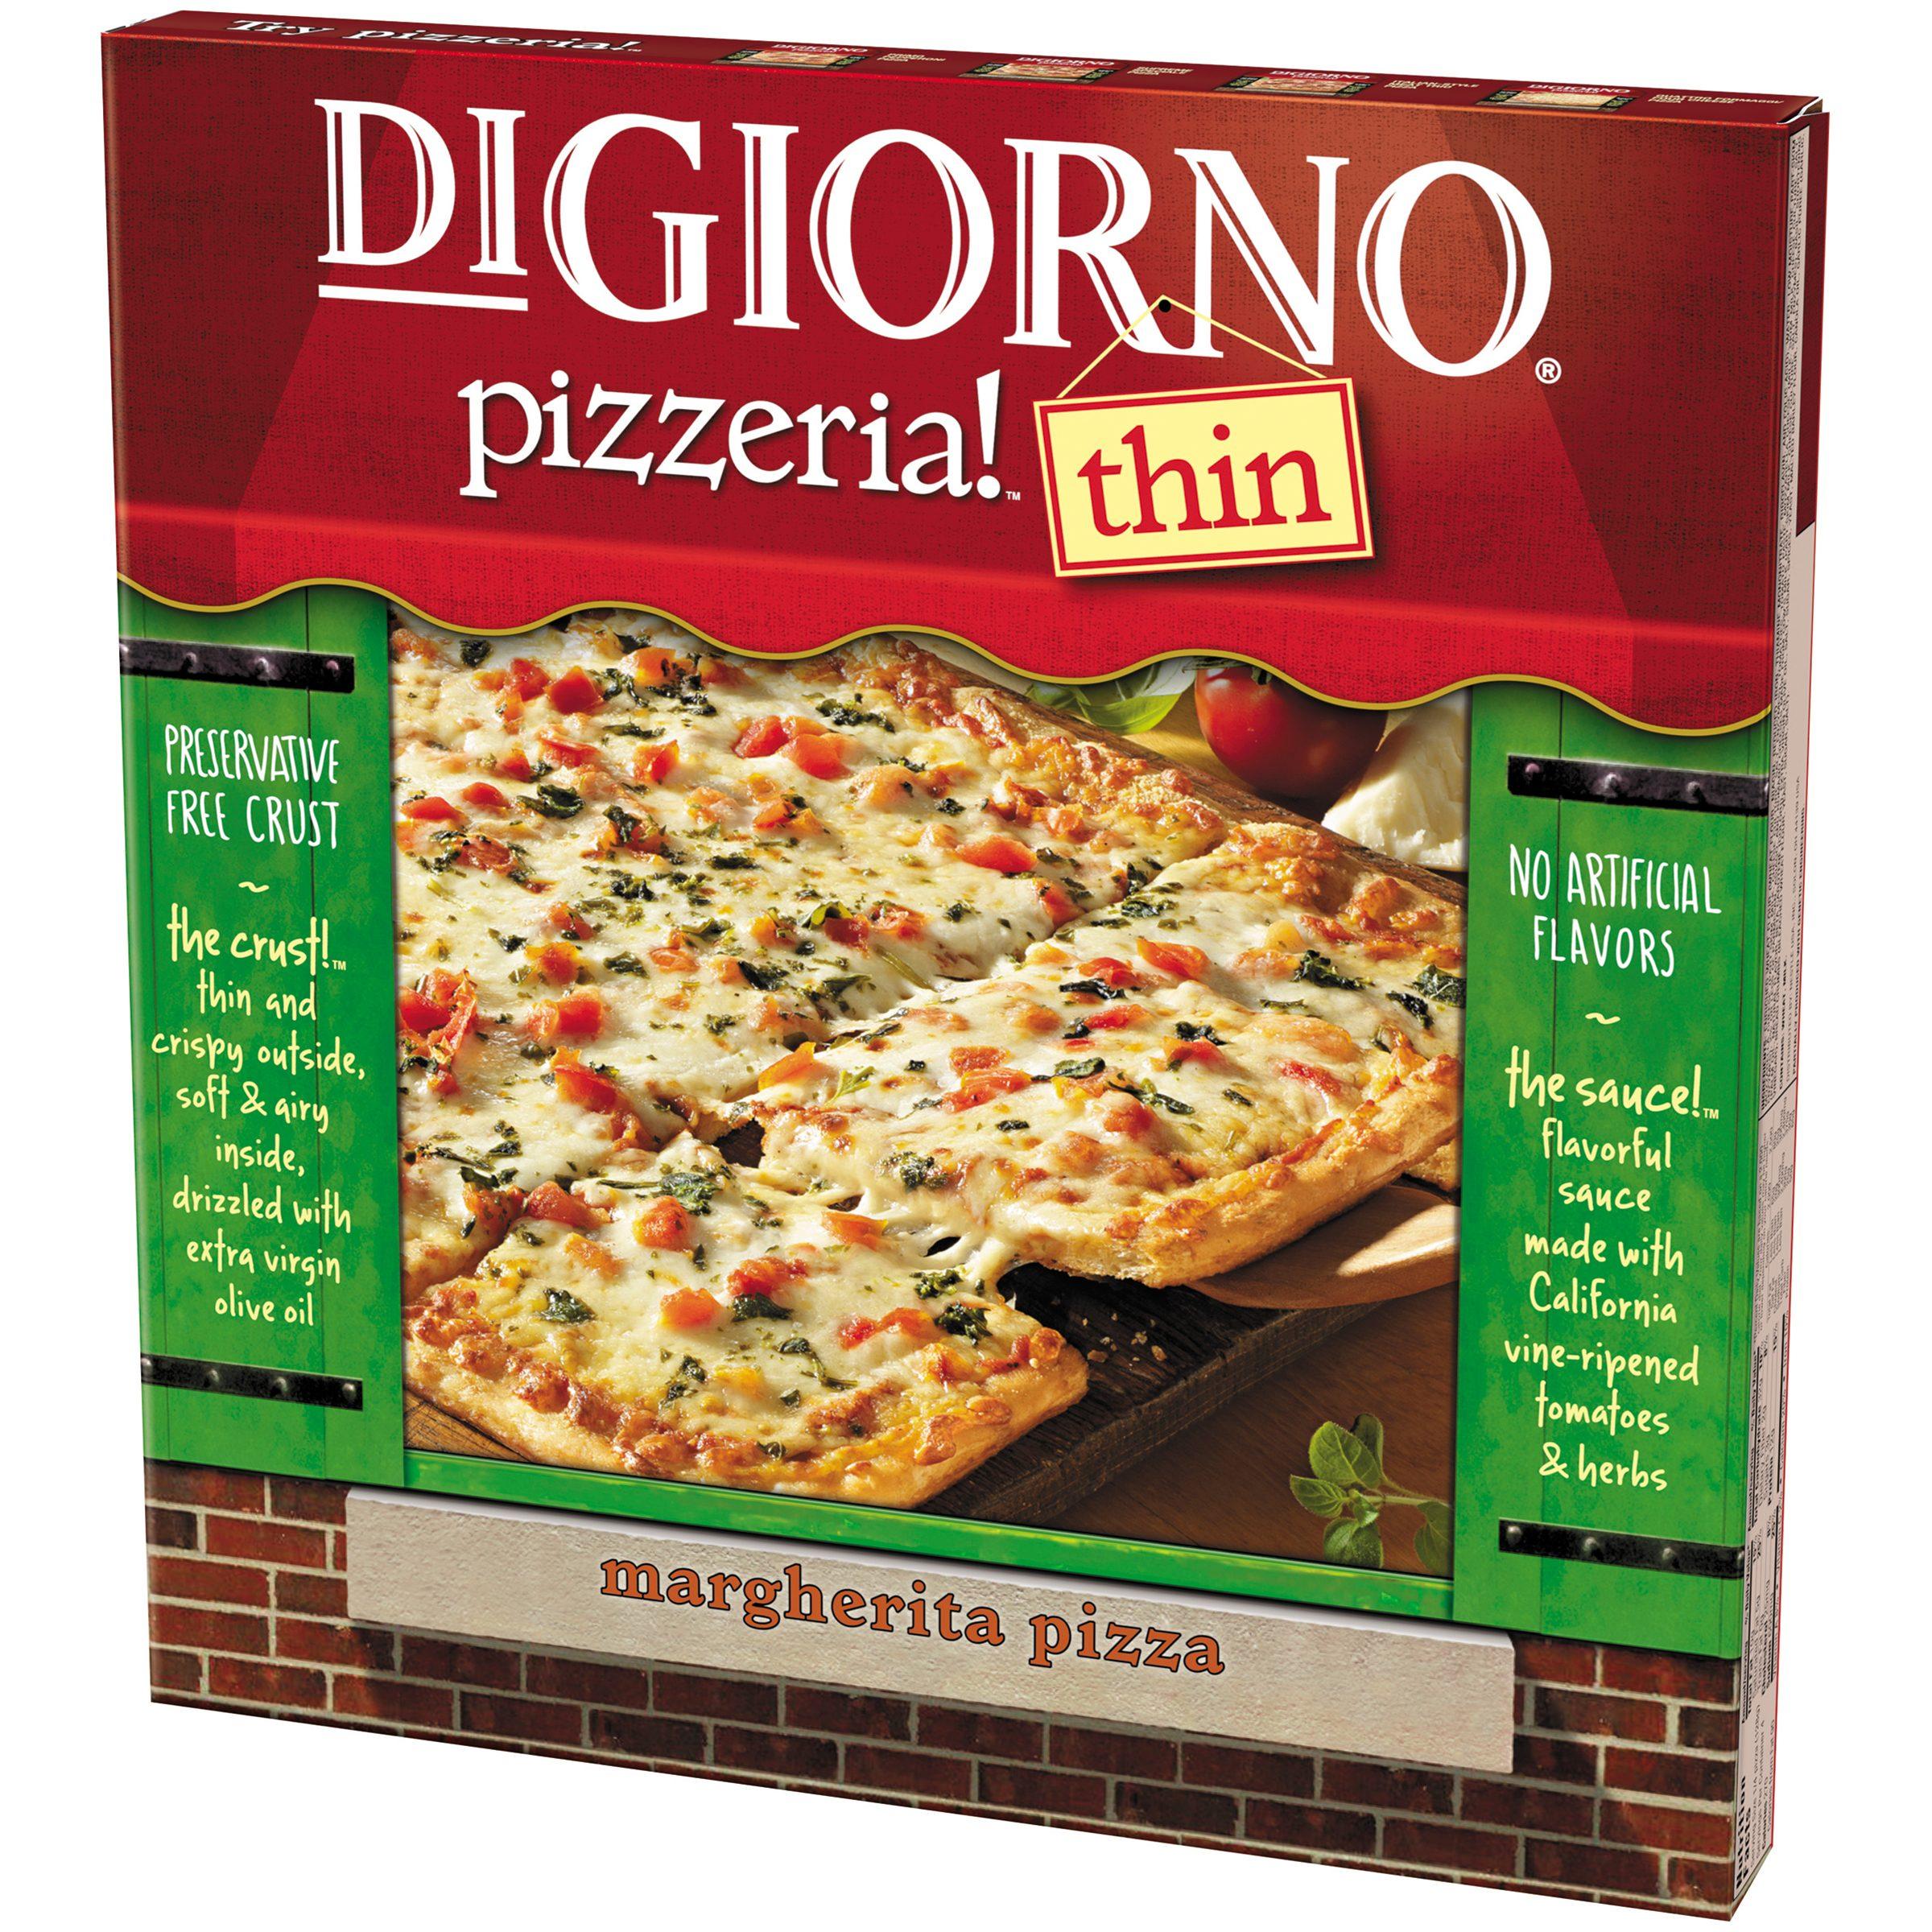 Digiorno Pizza Digiorno Pizzeria Thin Crust Margherita Pizza 18 Ozbox